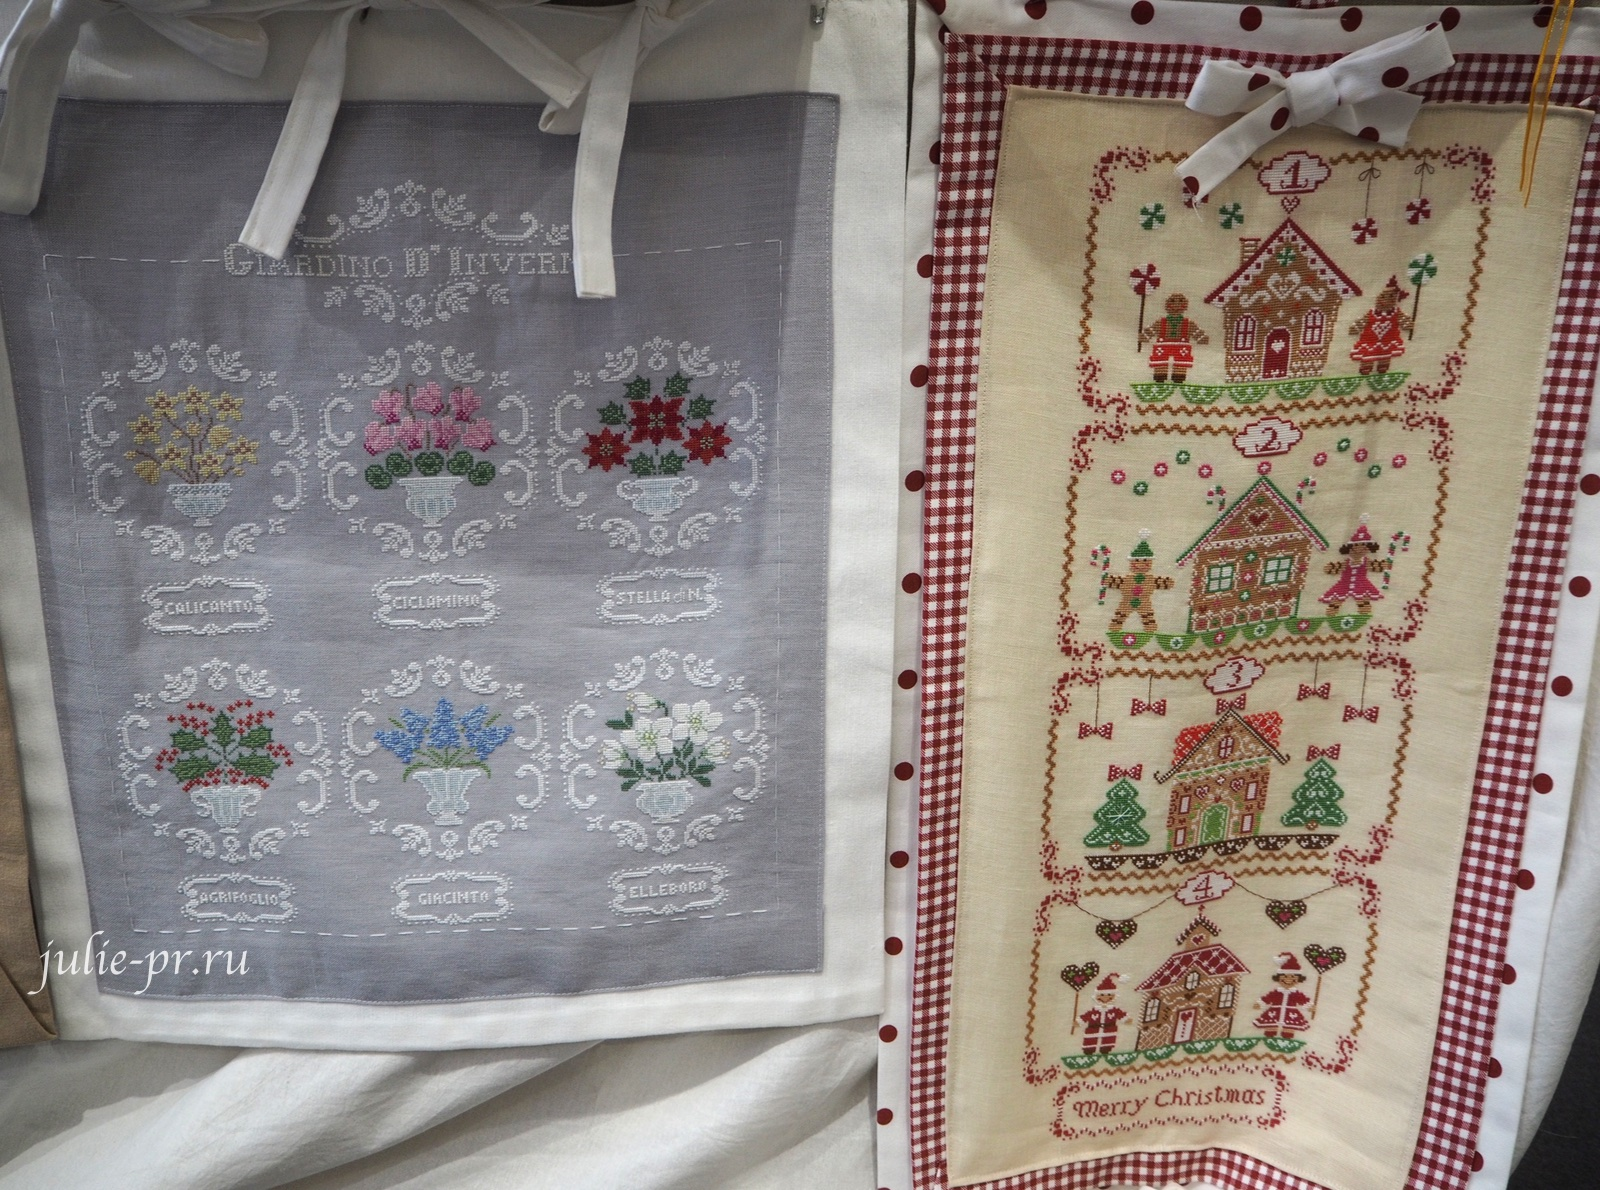 Cuore e Batticuore, Giardino d'Inverno, Зимний сад, Dolci Domeniche d'Avvento, вышивка крестом